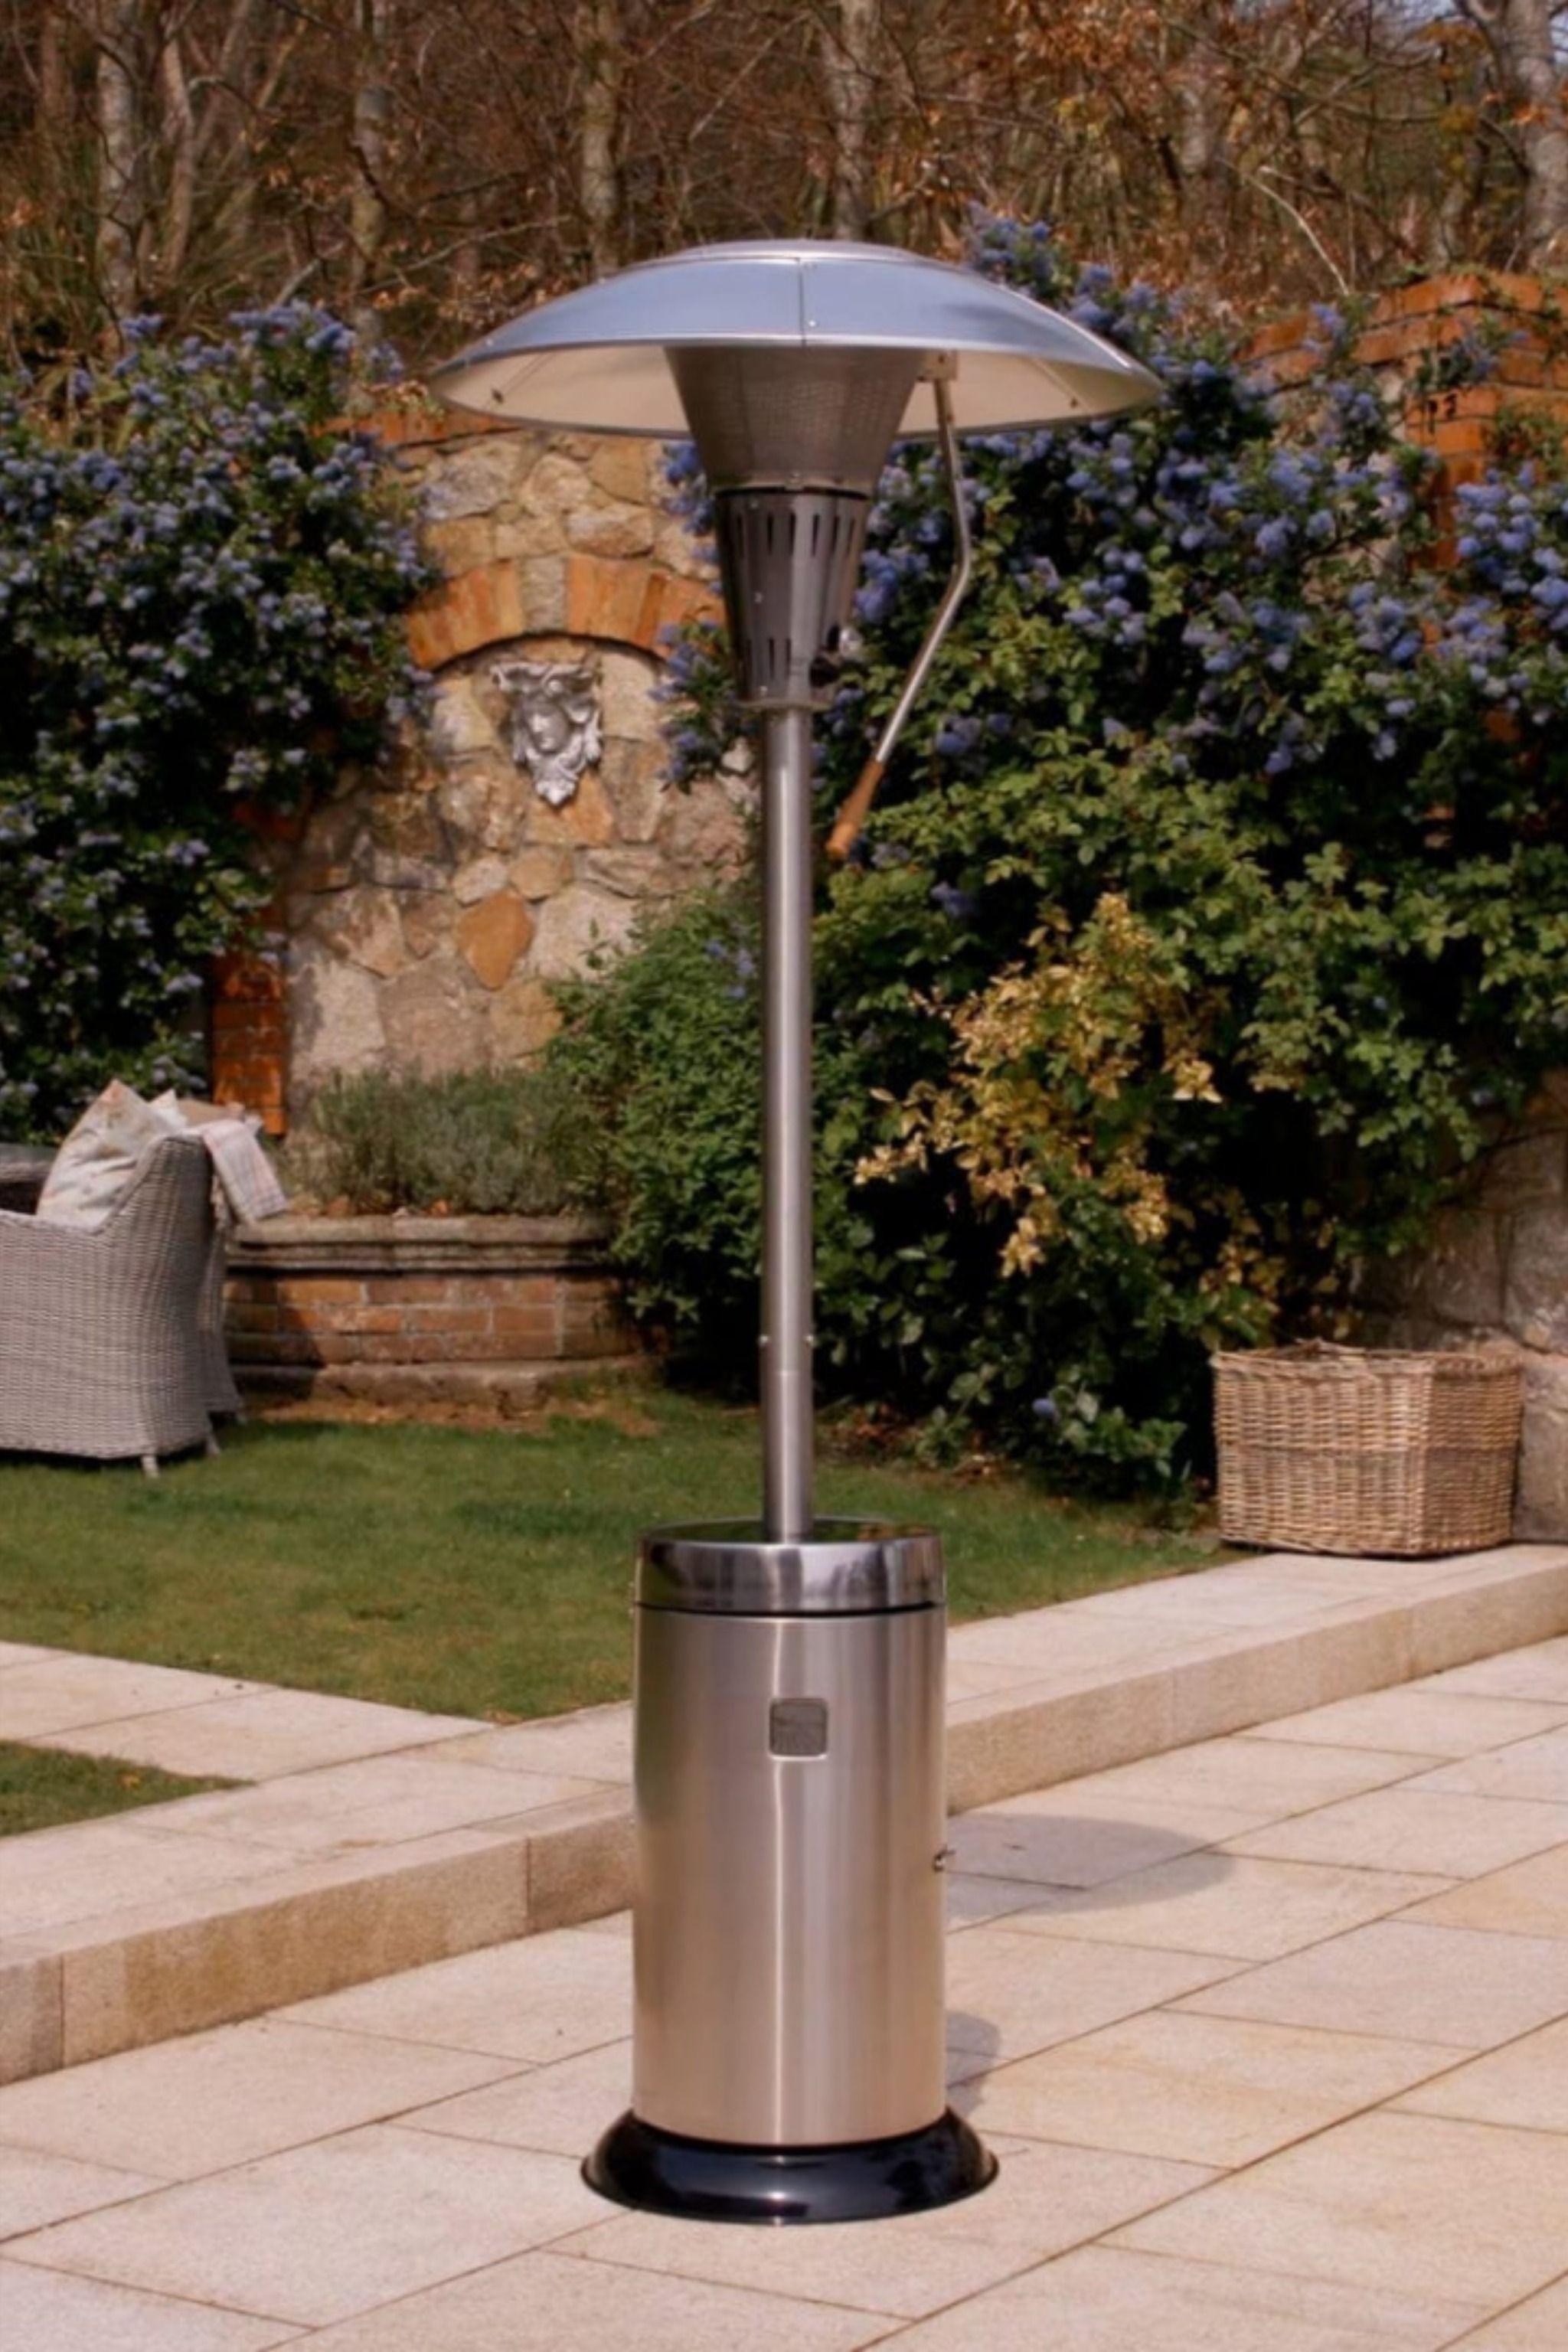 Sahara Outdoor Gas Patio Heater Gas Patio Heater Patio Heater Outdoor Heating